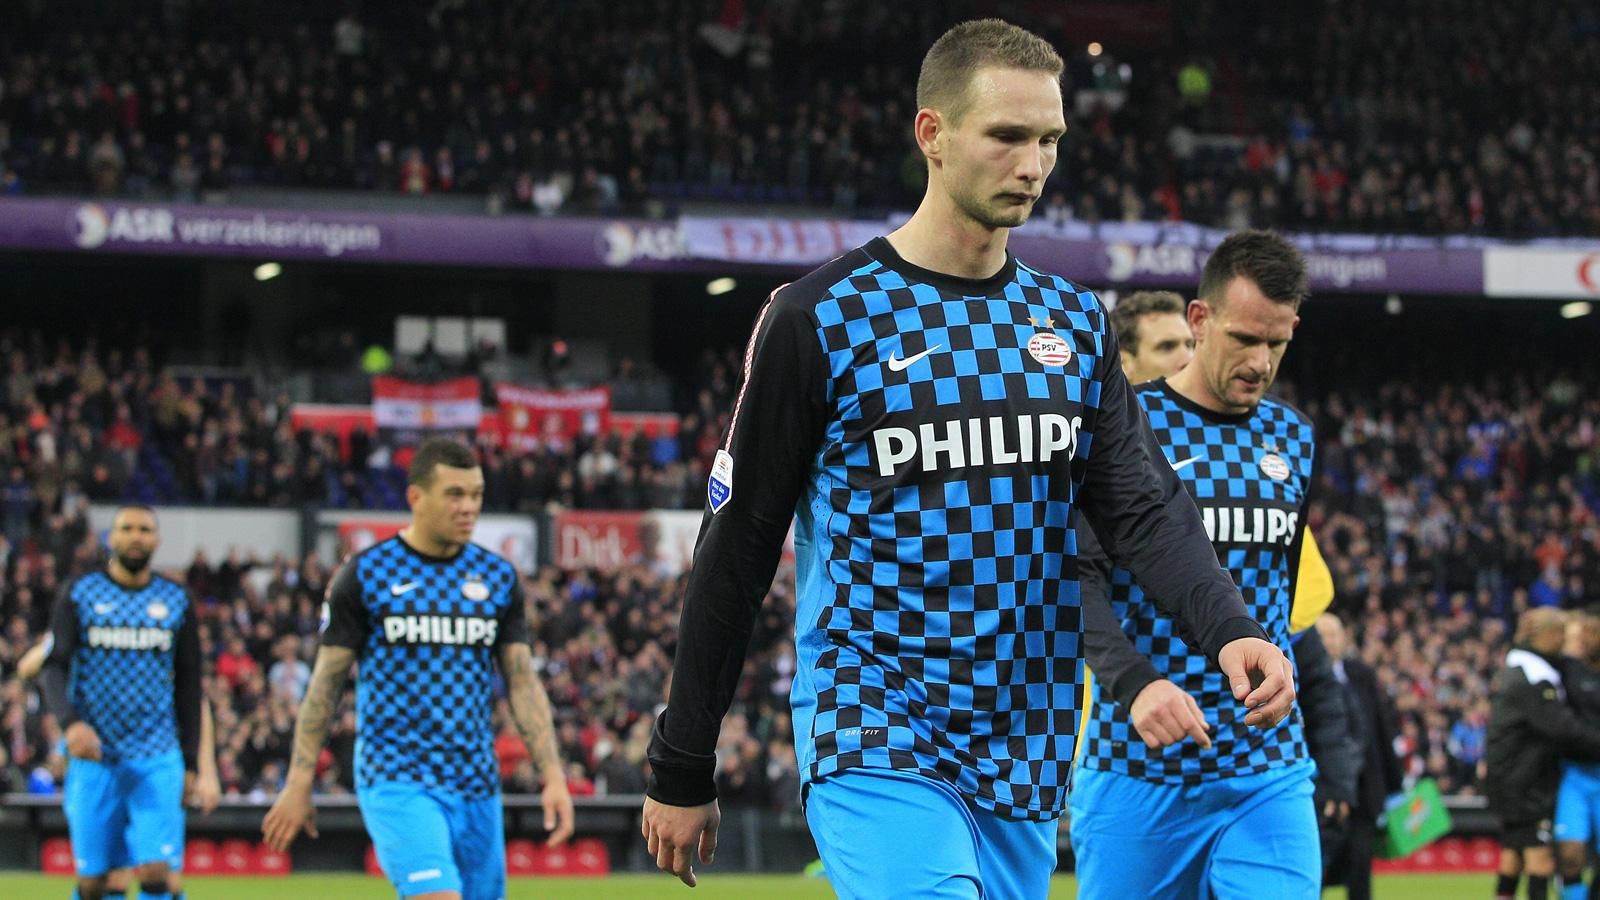 PSV Eindhoven (Netherlands), 2012